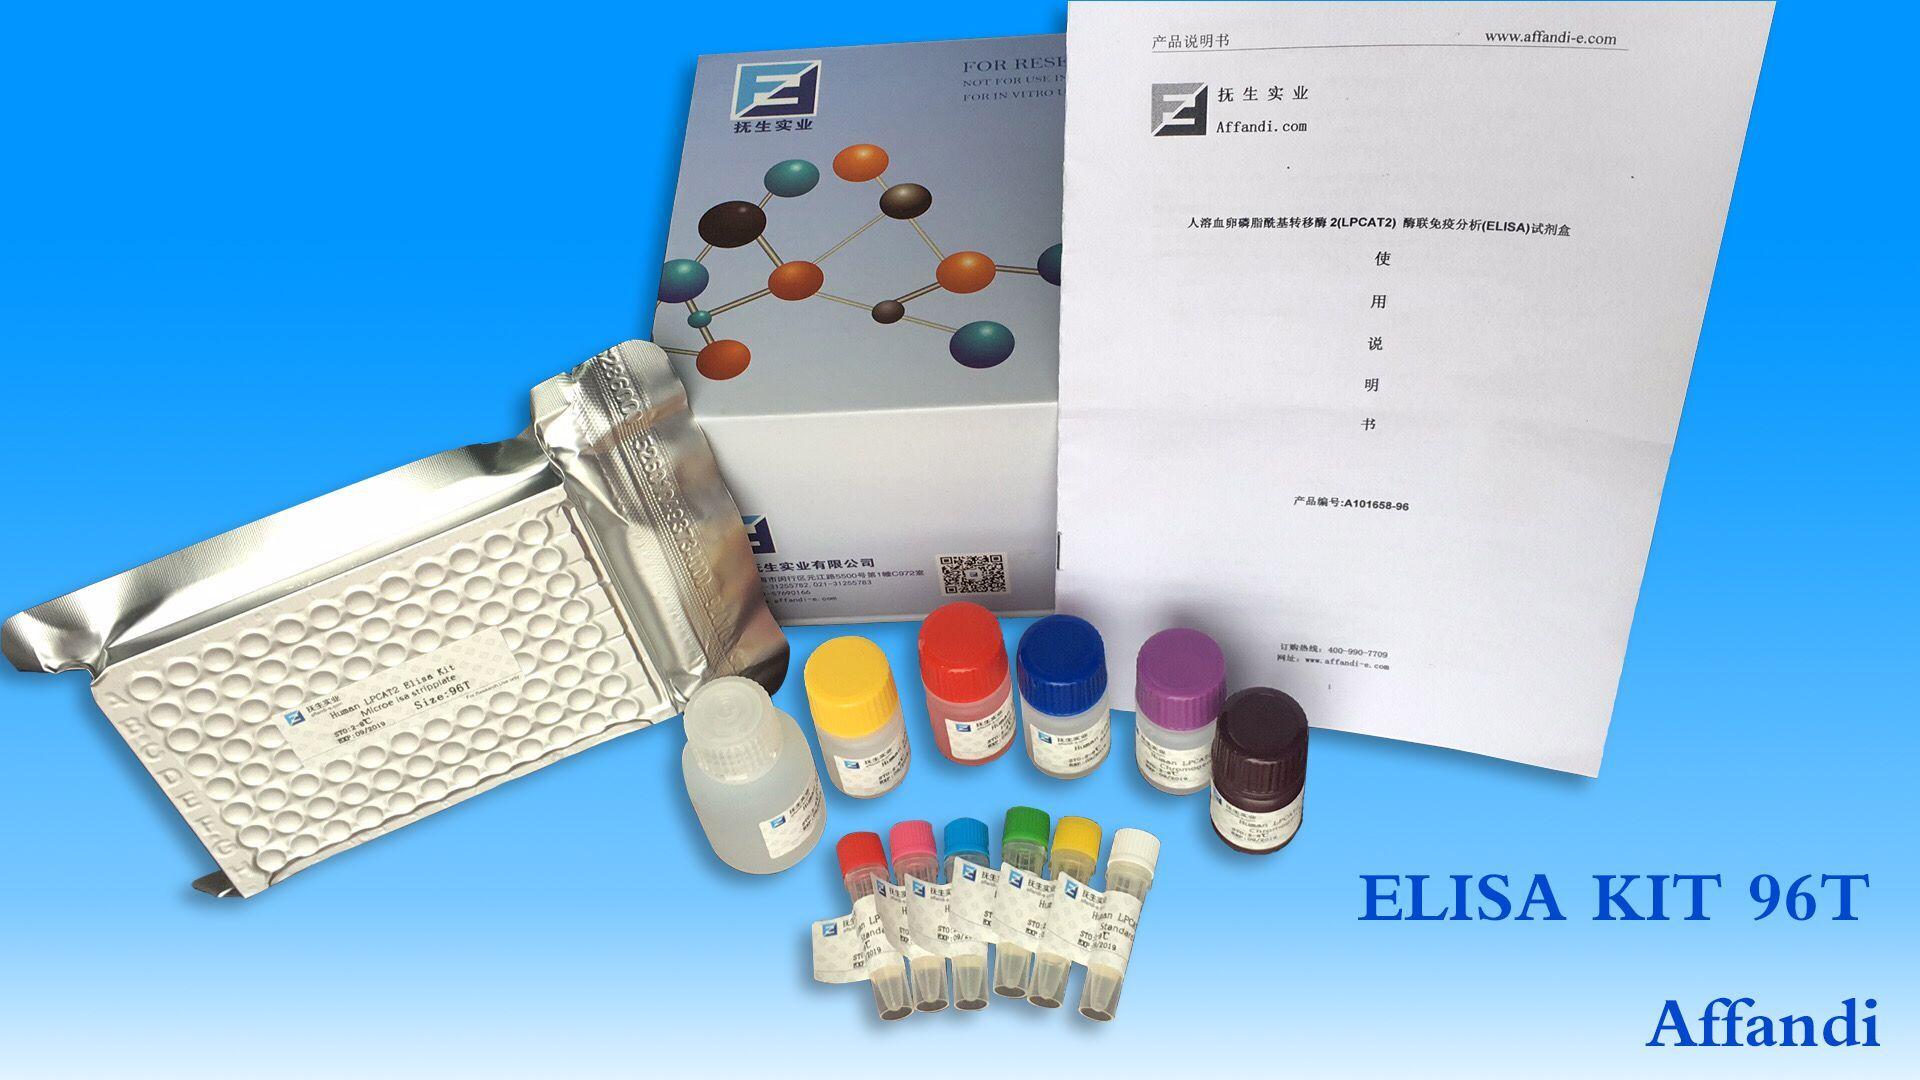 立克次体抗体IgM检测试剂盒在哪买